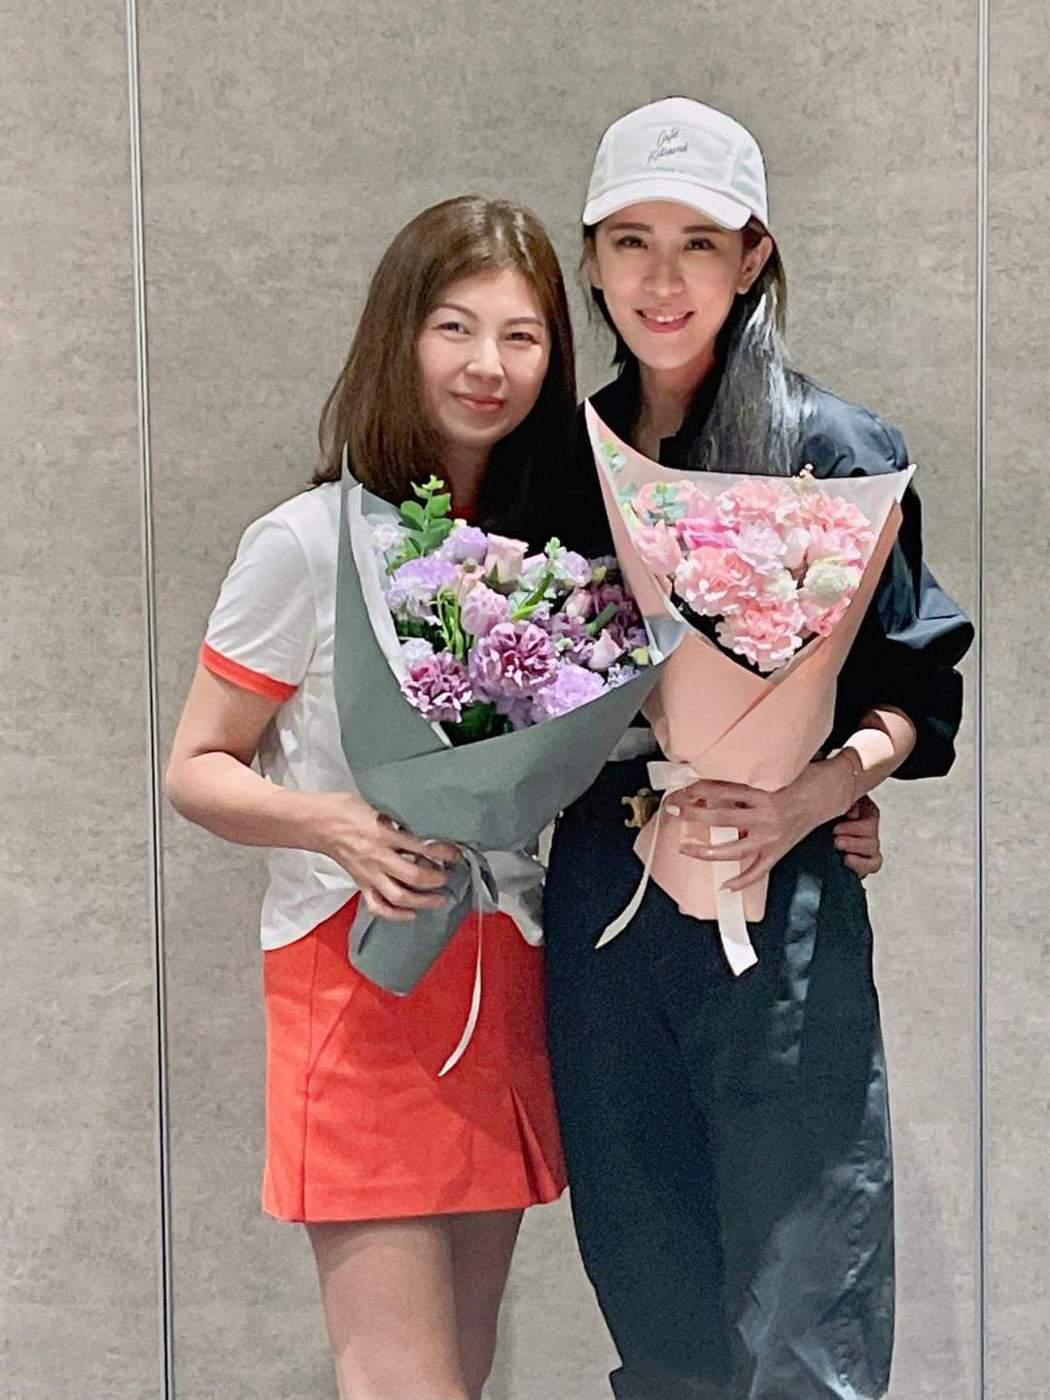 小禎與媽媽秀秀歡度母親節。圖/摘自臉書